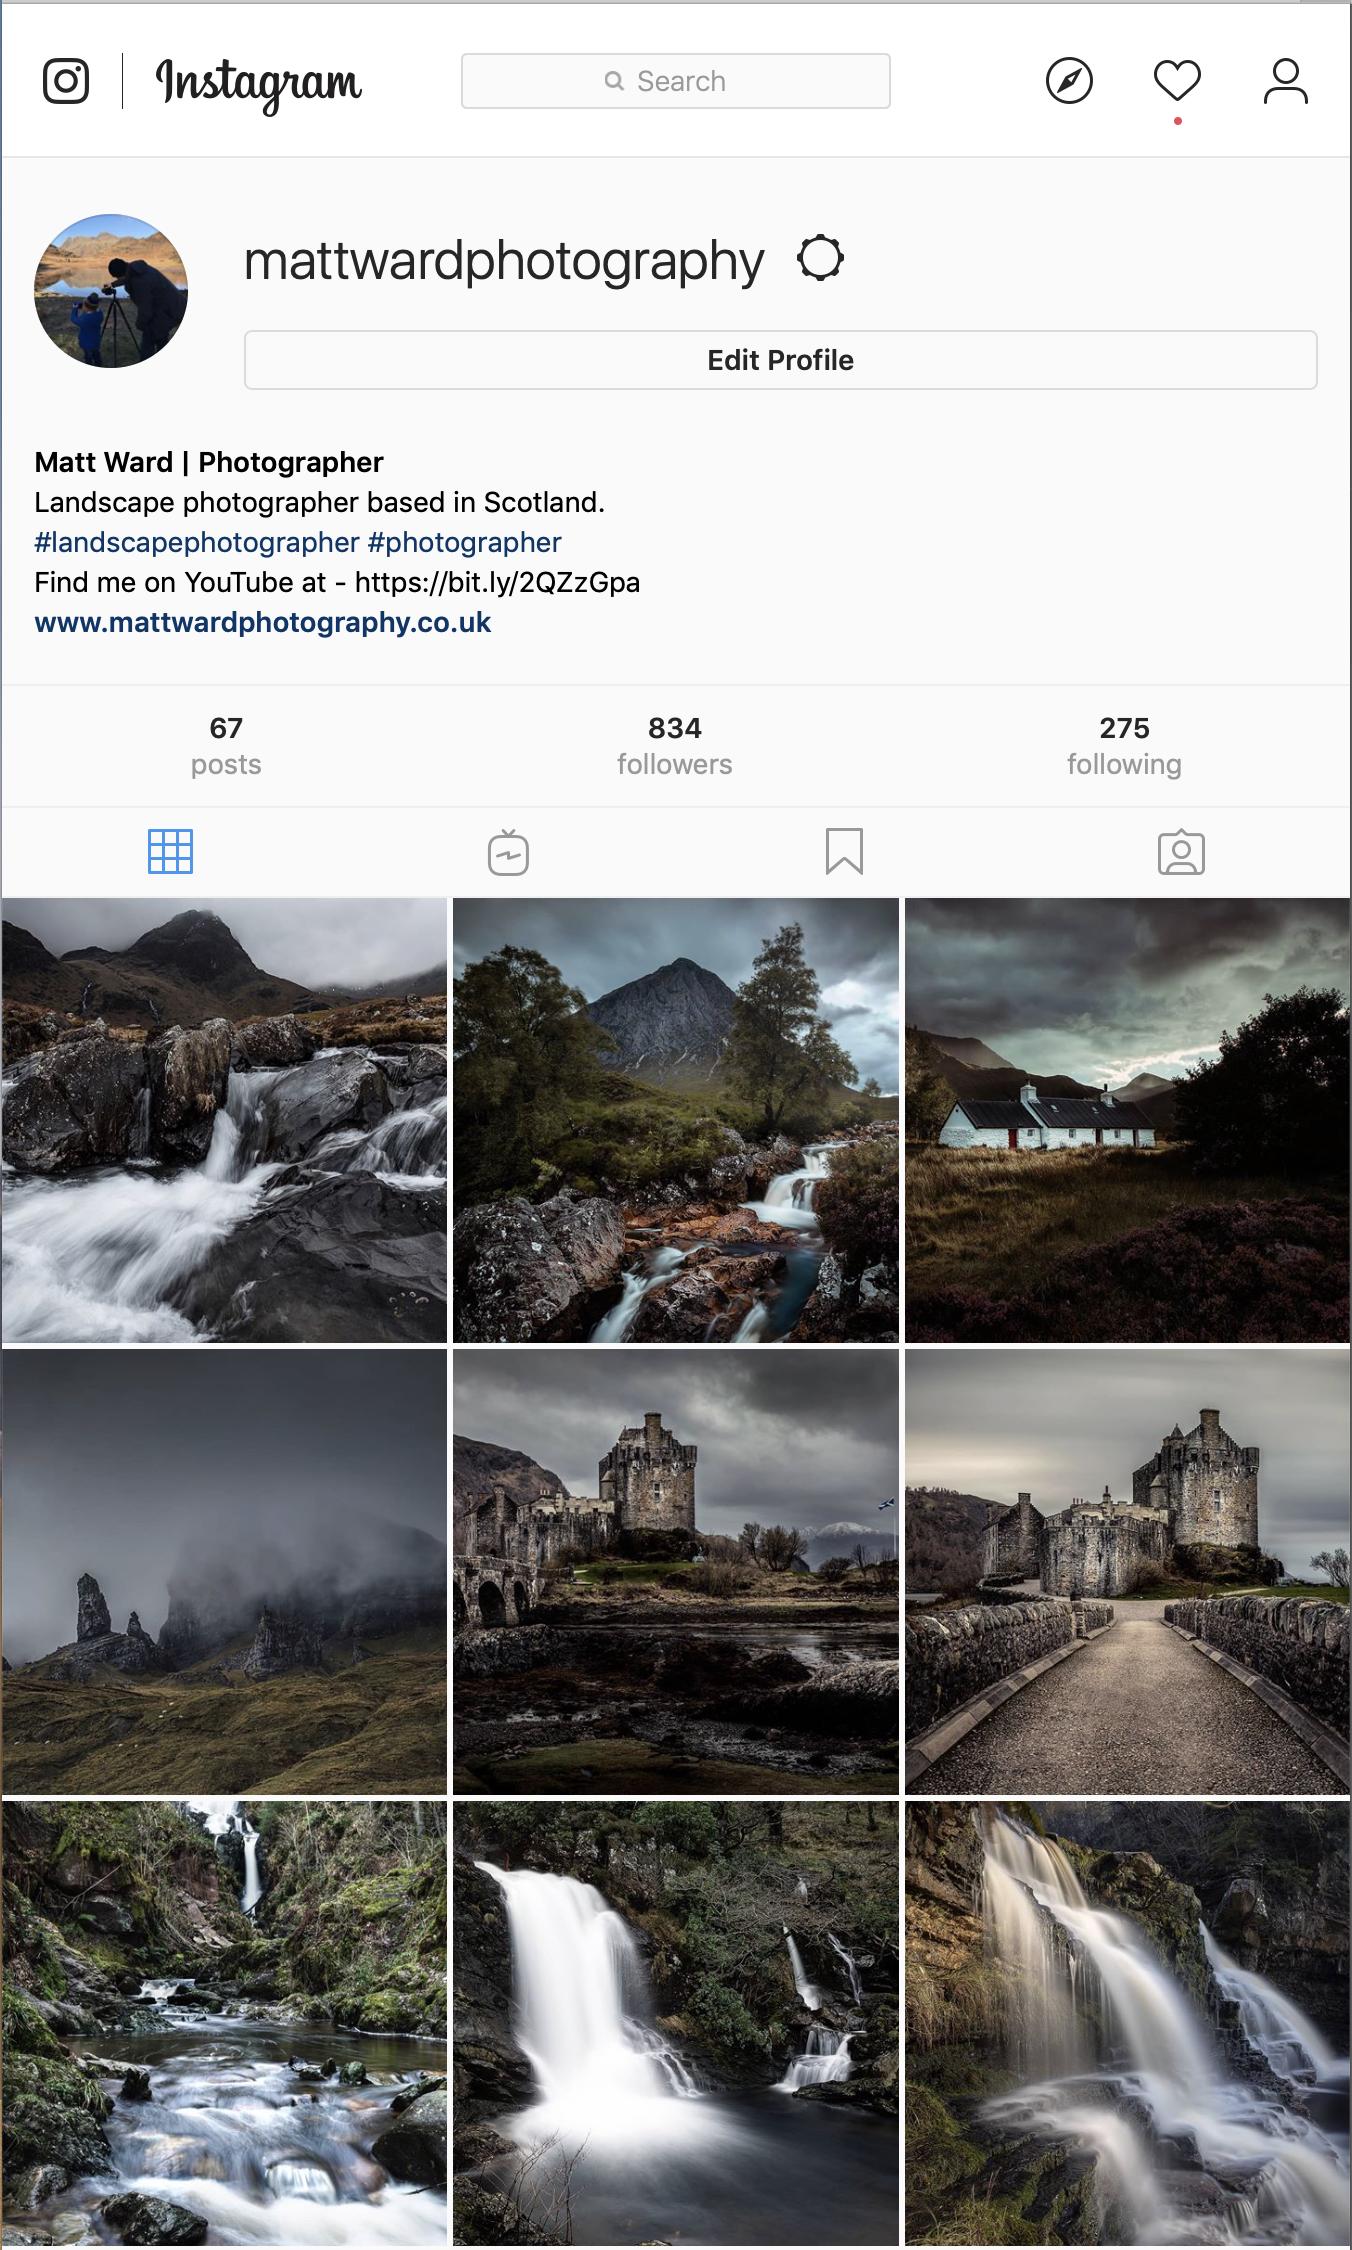 Matt Ward Instagram